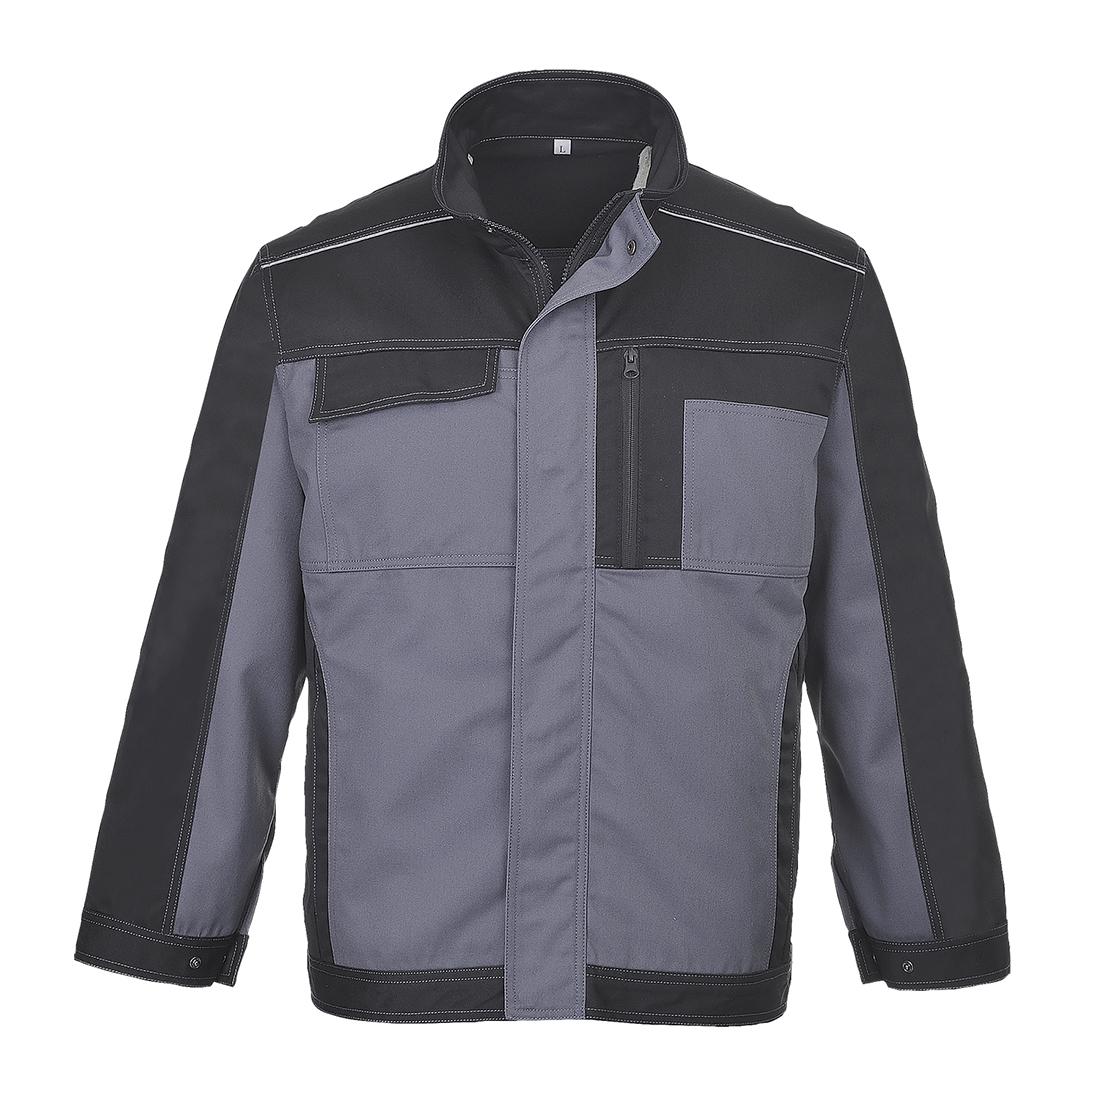 Hamburg Jacket Graphite XXLR